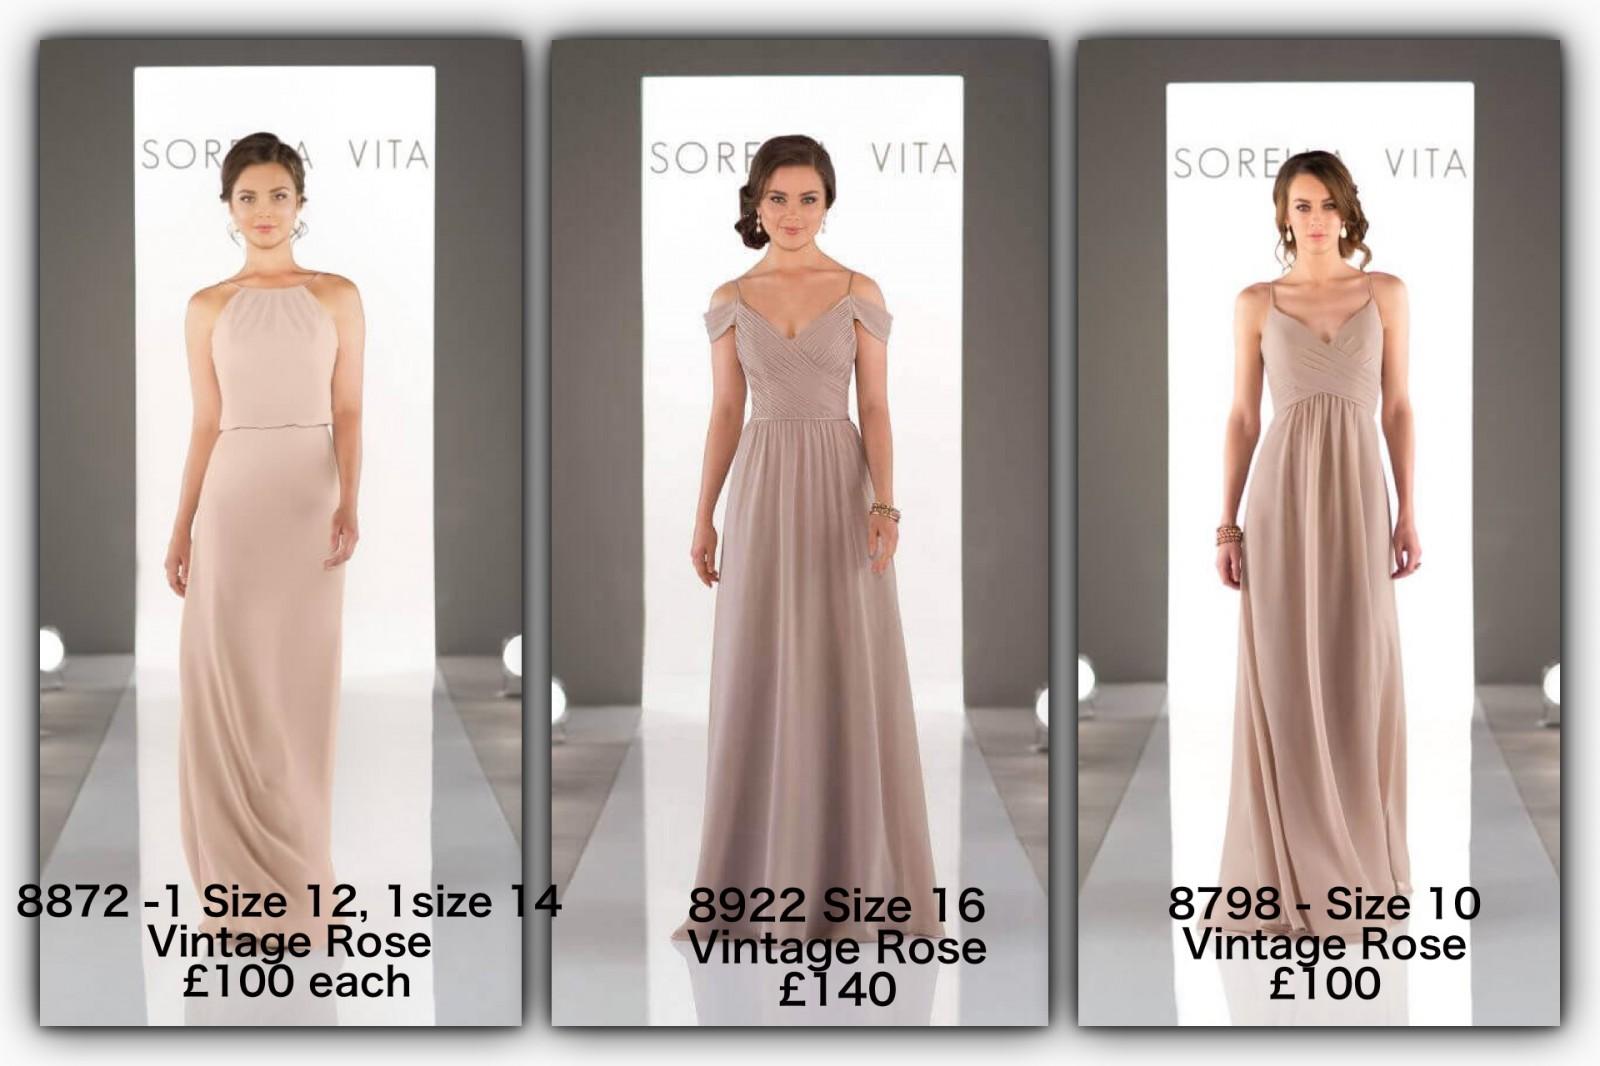 5c6e86b4cb1 Sorella Vita 8872 Sample Wedding Dress on Sale 50% Off - Stillwhite